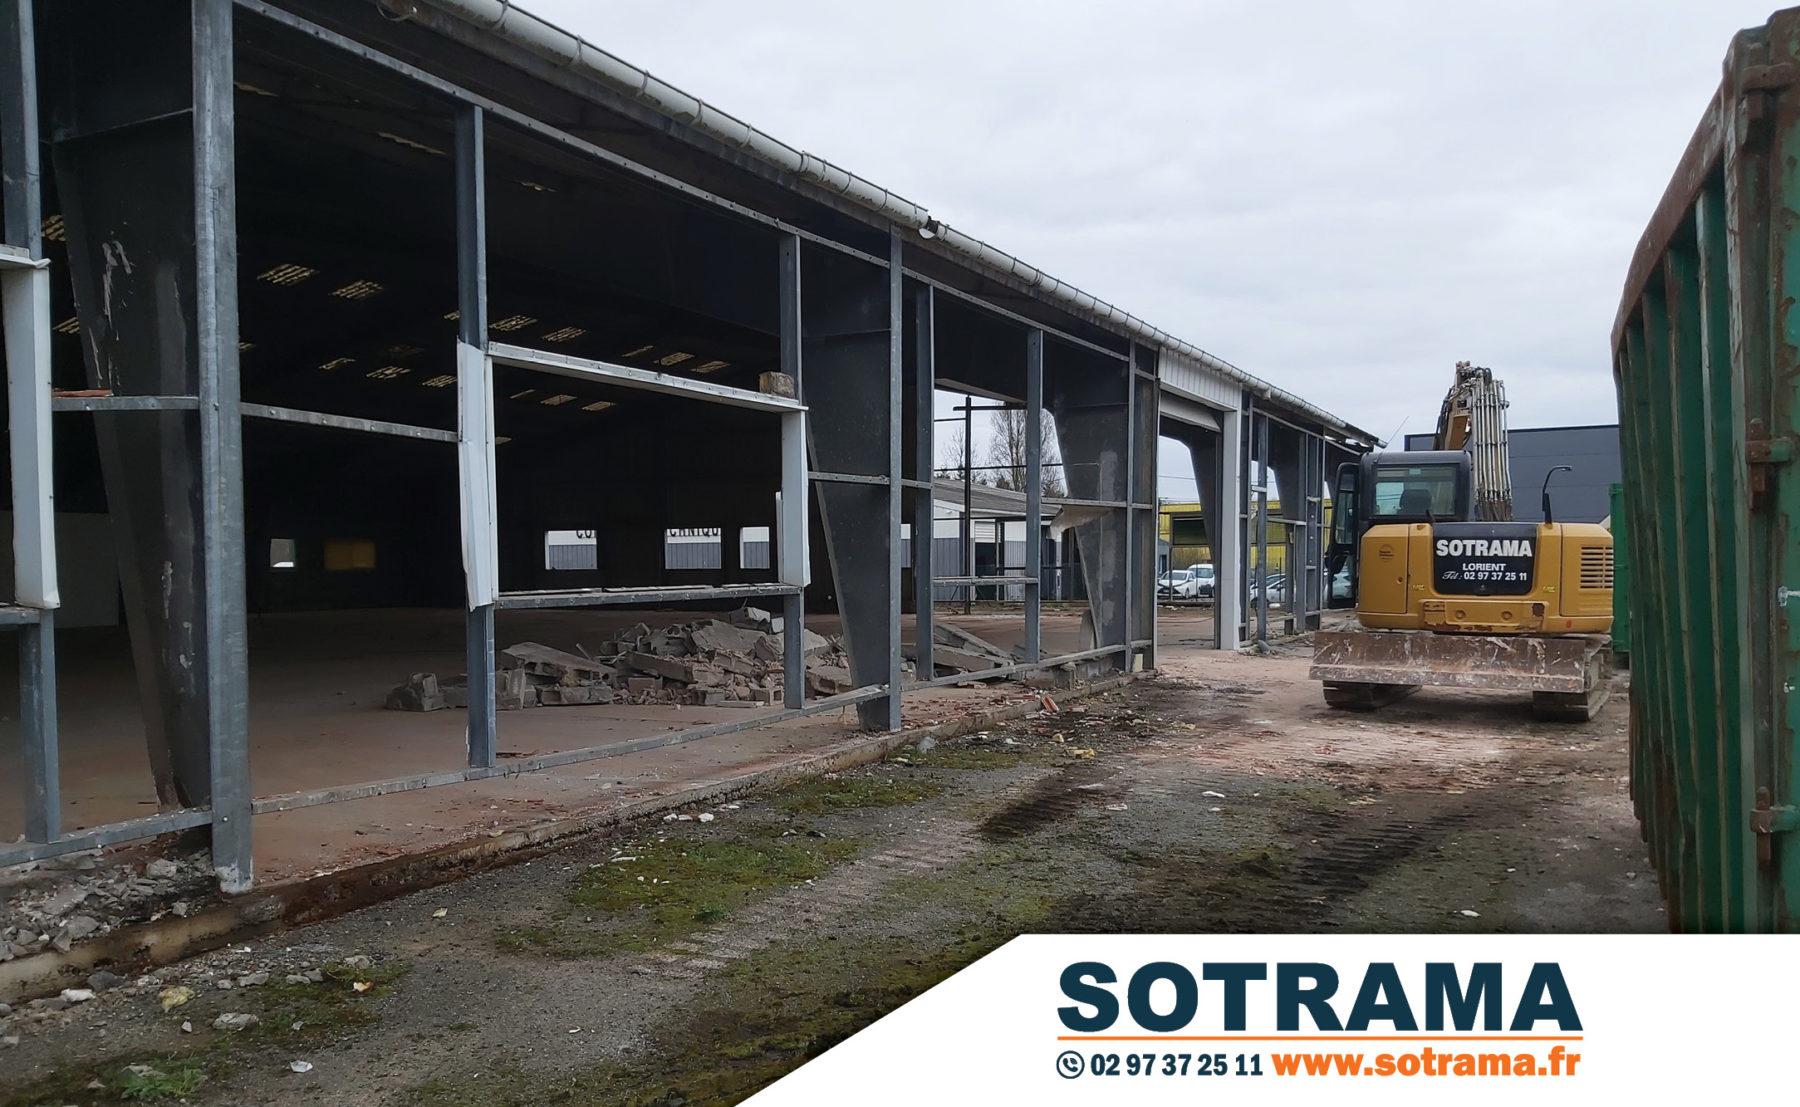 Démolition SOTRAMA Lanester Lorient Kerpont matériaux industrie entrepôt